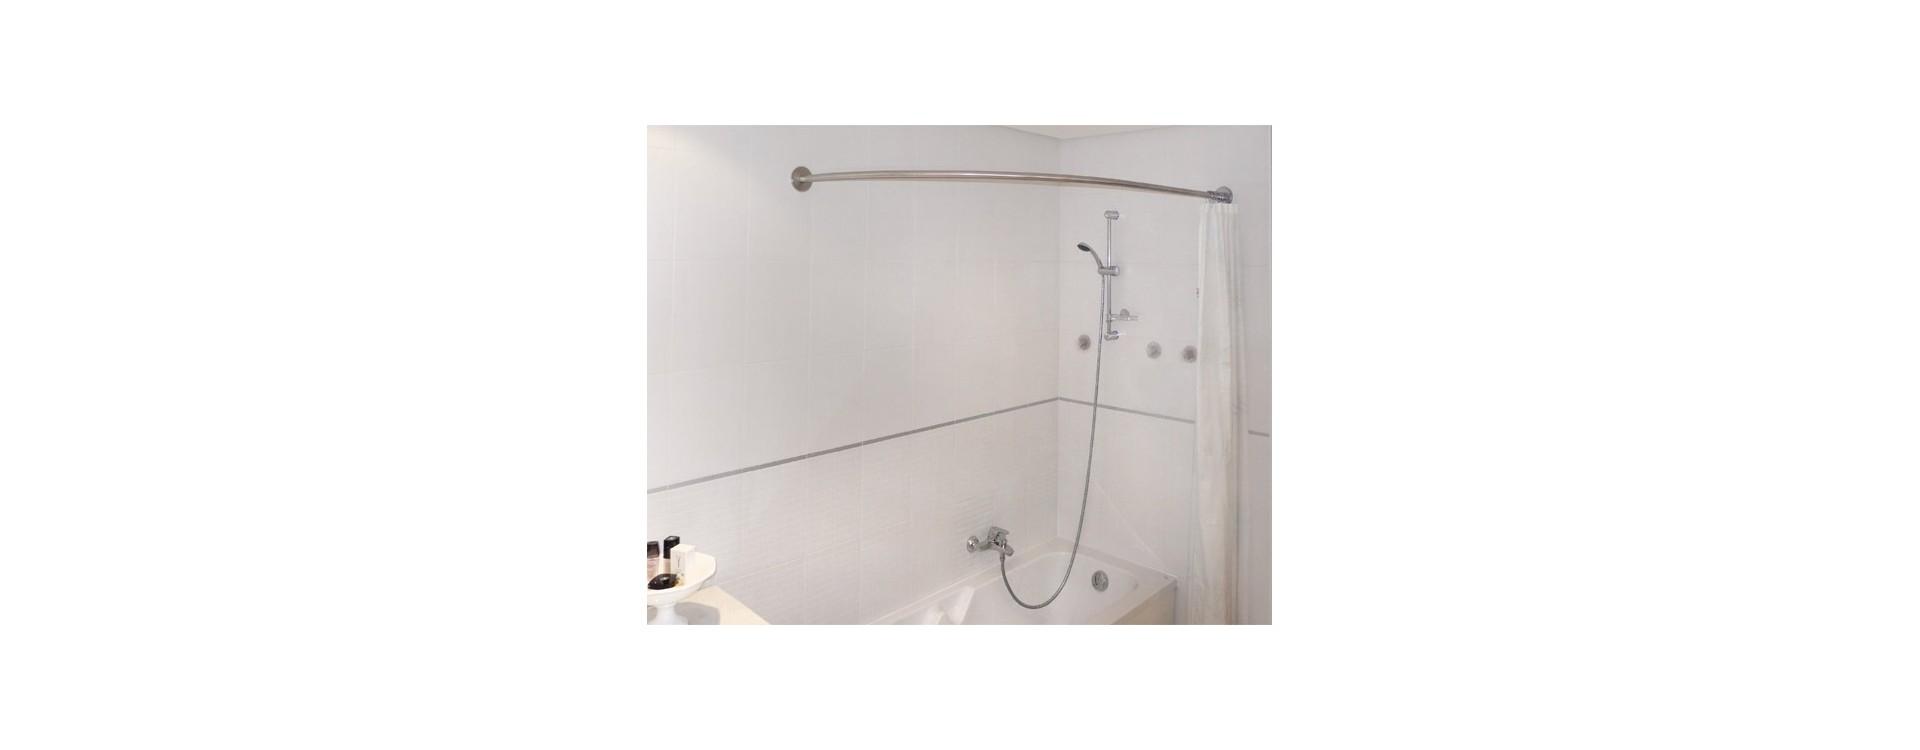 La tringle asymétrique GalboBain pour rideau de douche équipe aussi la baignoire droite classique